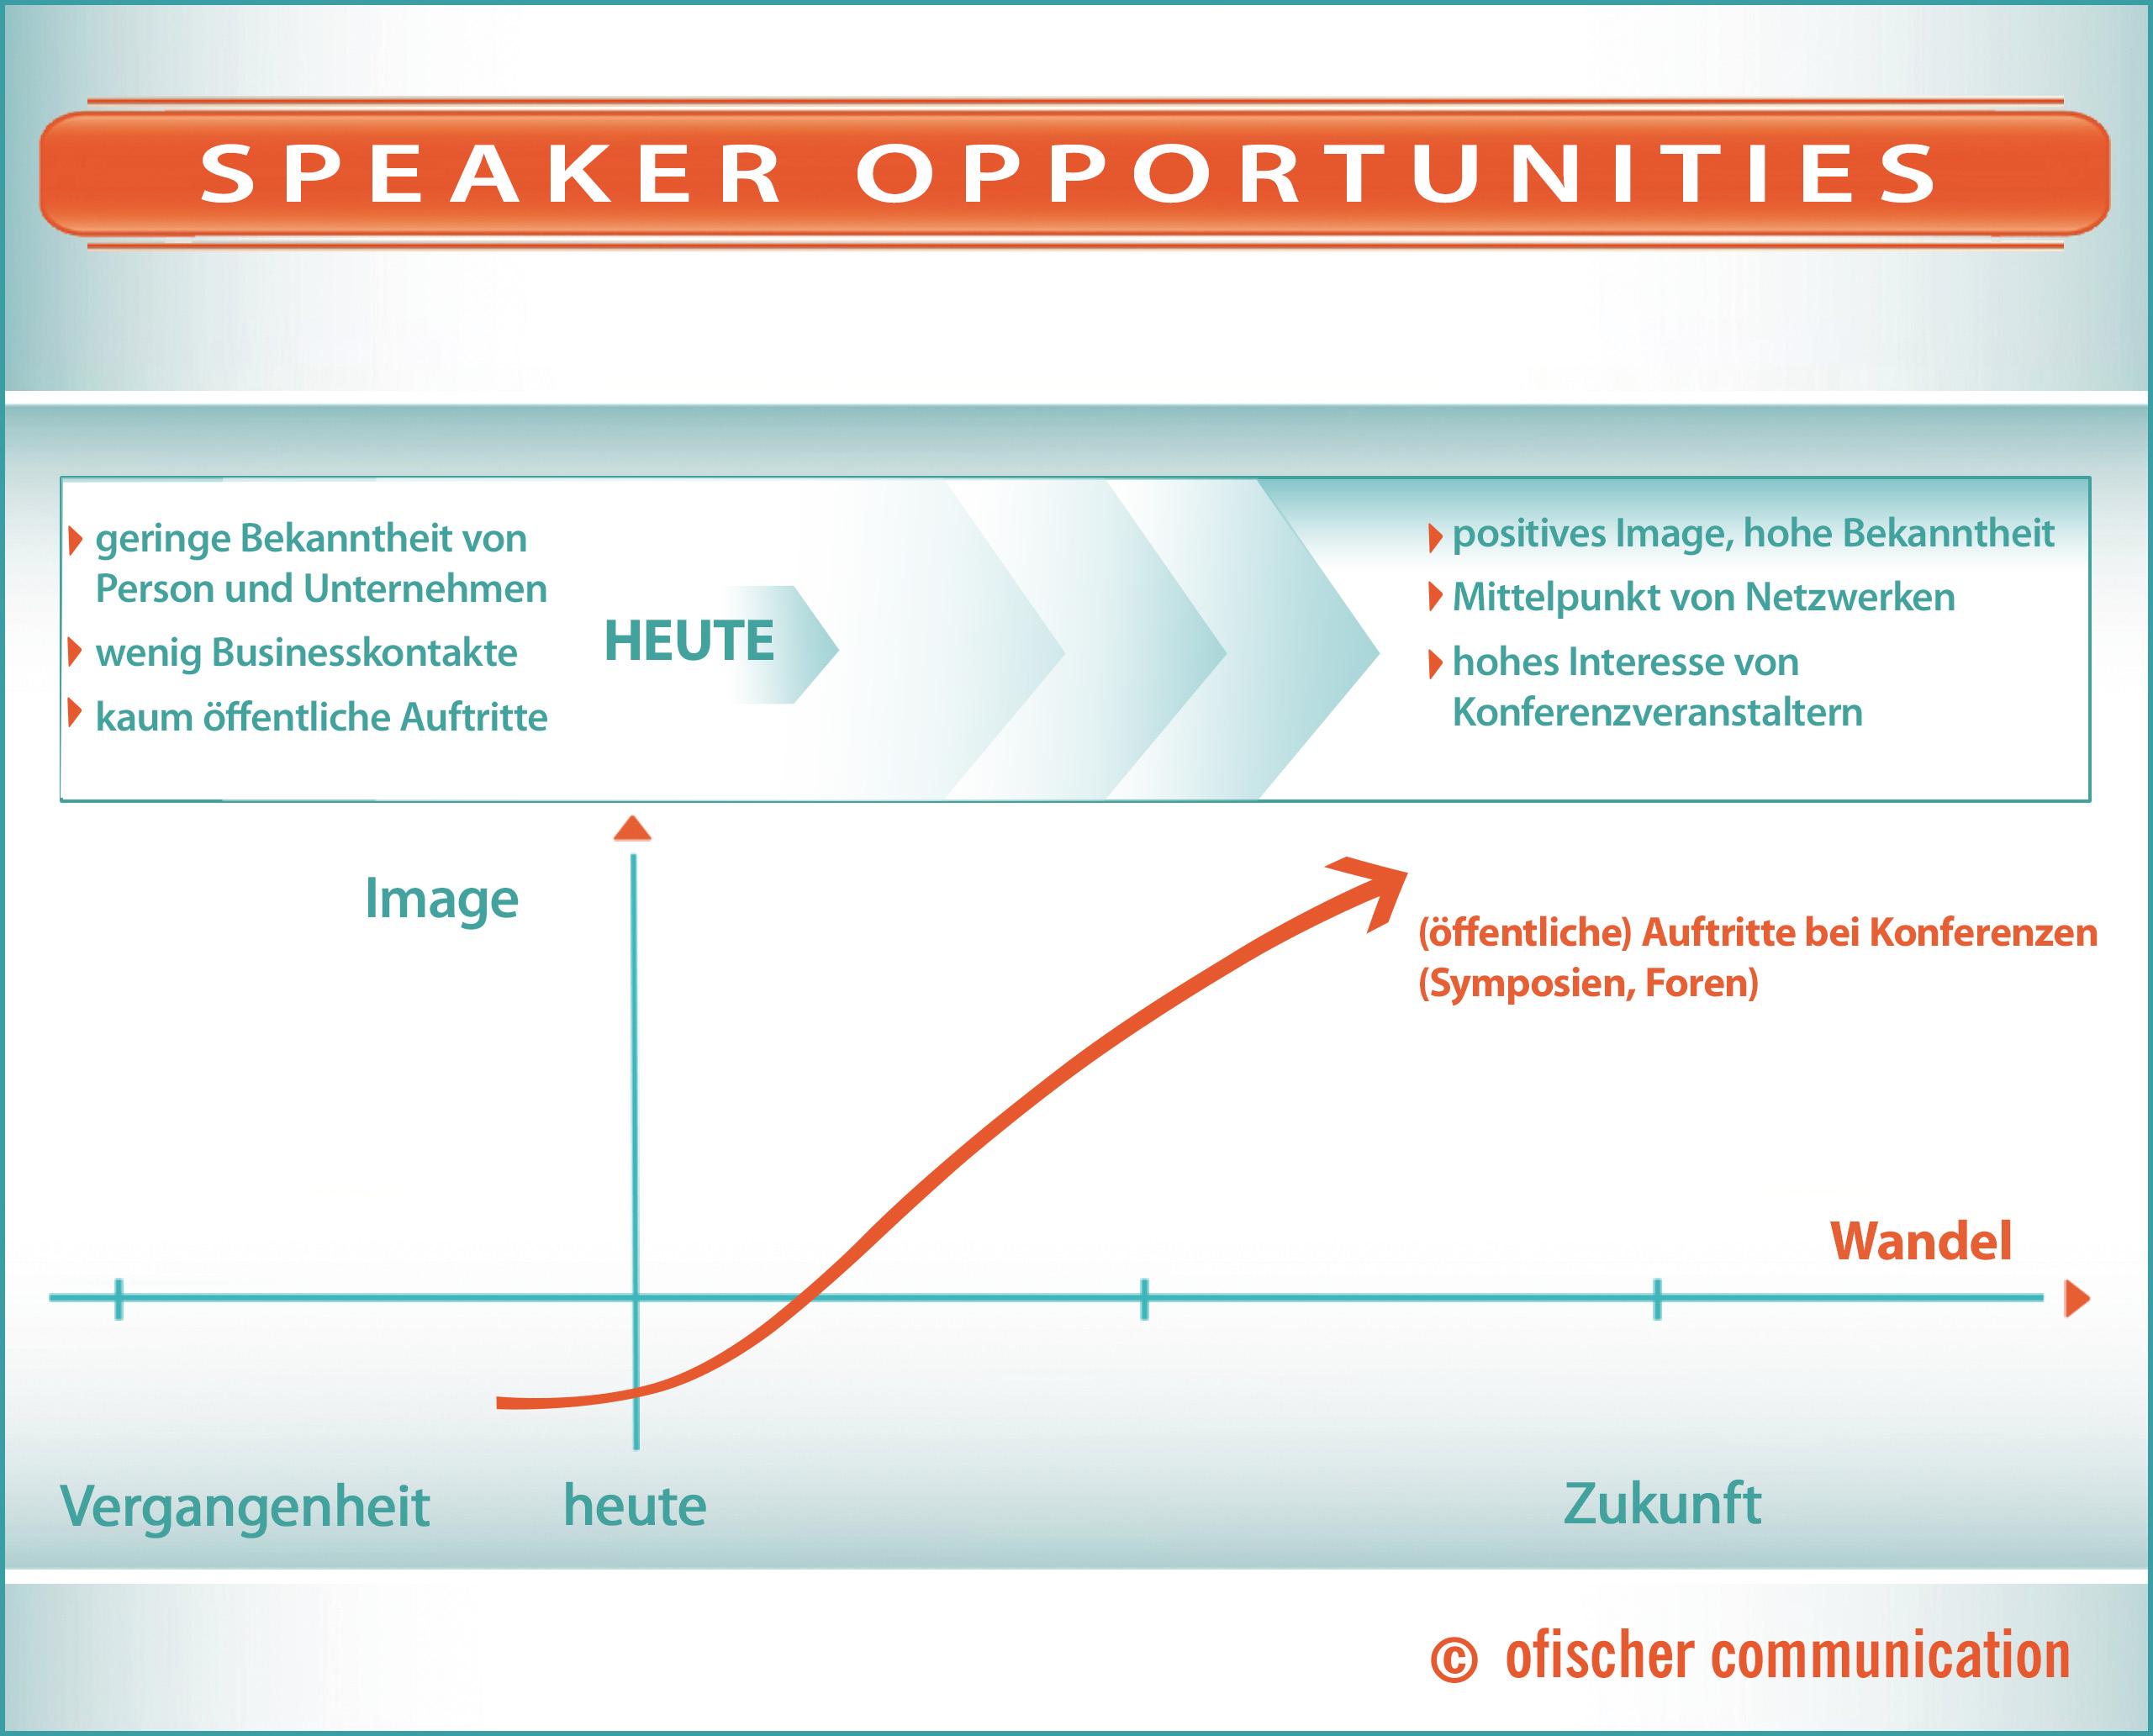 Nutzung internationaler Wirtschaftskonferenzen als Plattform zur Imagesteigerung für den Redner und sein Unternehmen. Für Top-Manager aus der Industrie!